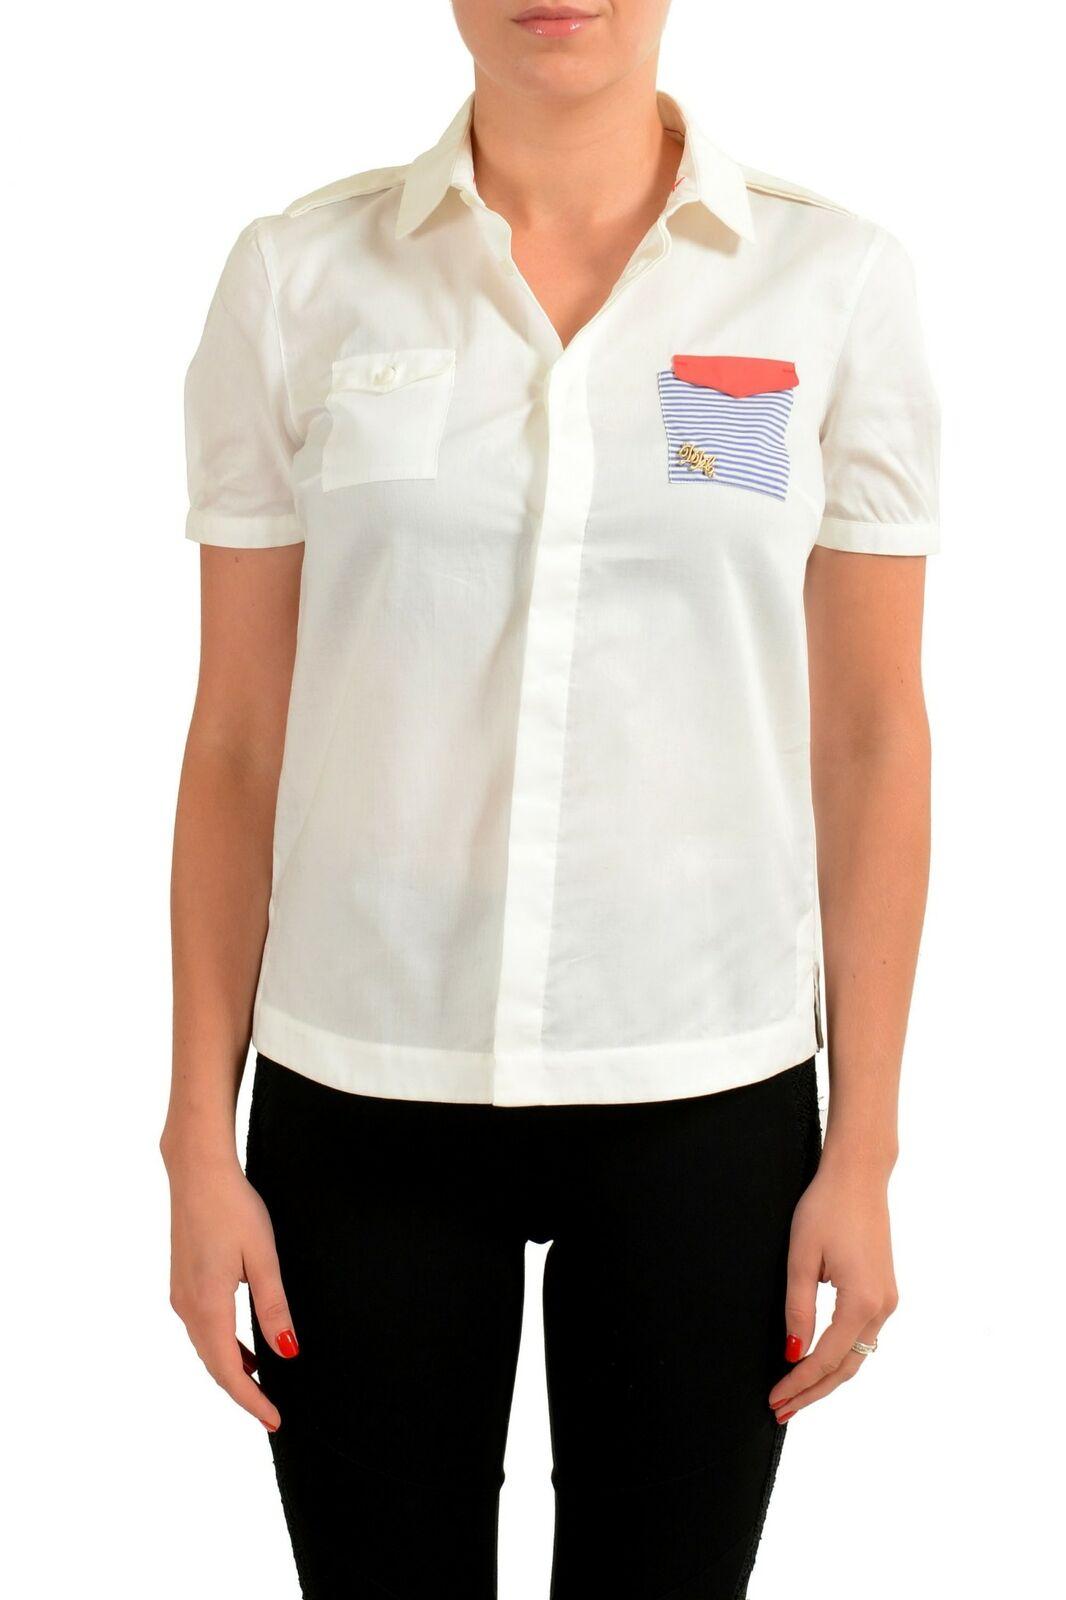 Dsquarot2 Weiß Kurze Ärmel Knopfverschluss Damen Shirt Größe M L